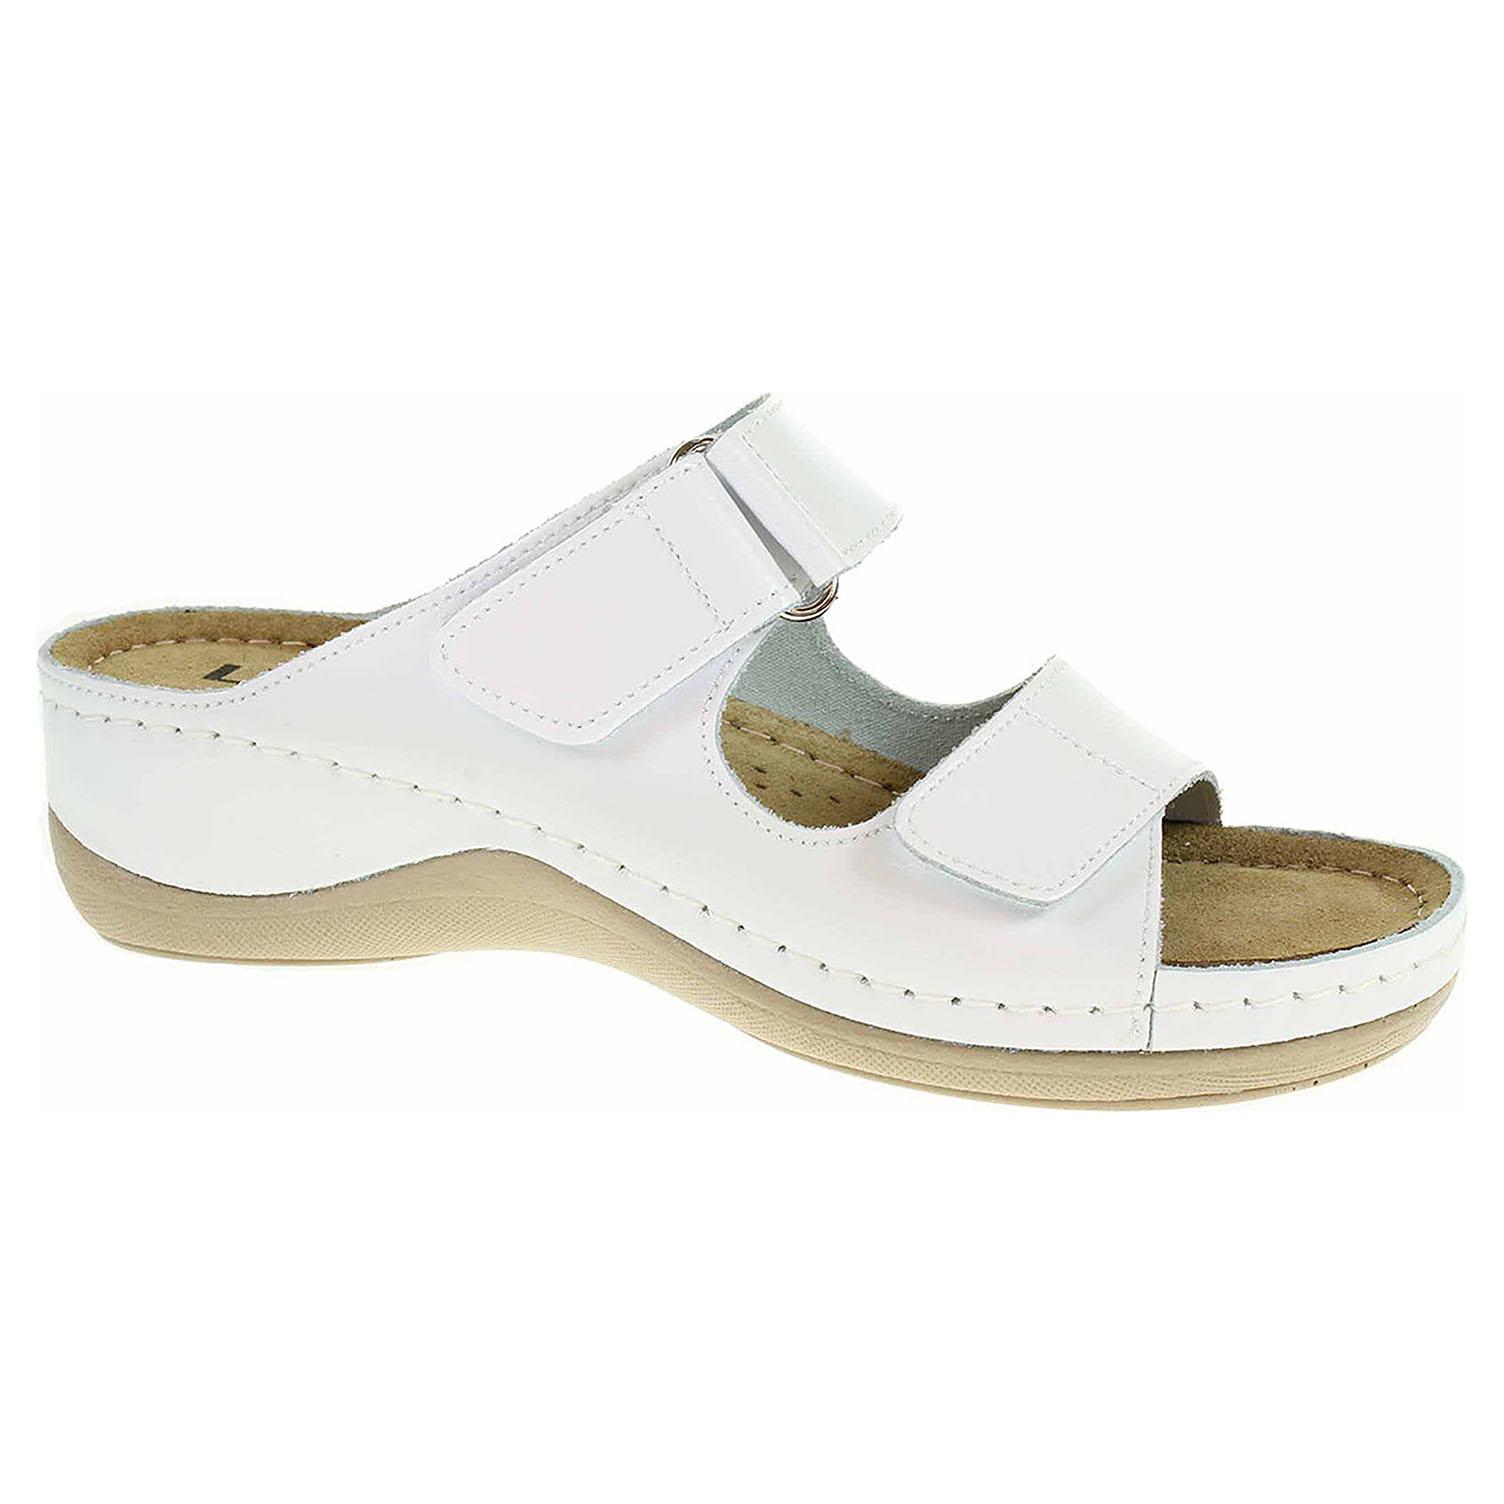 Dámské pantofle Leon 905 bílá 905 bílá 38